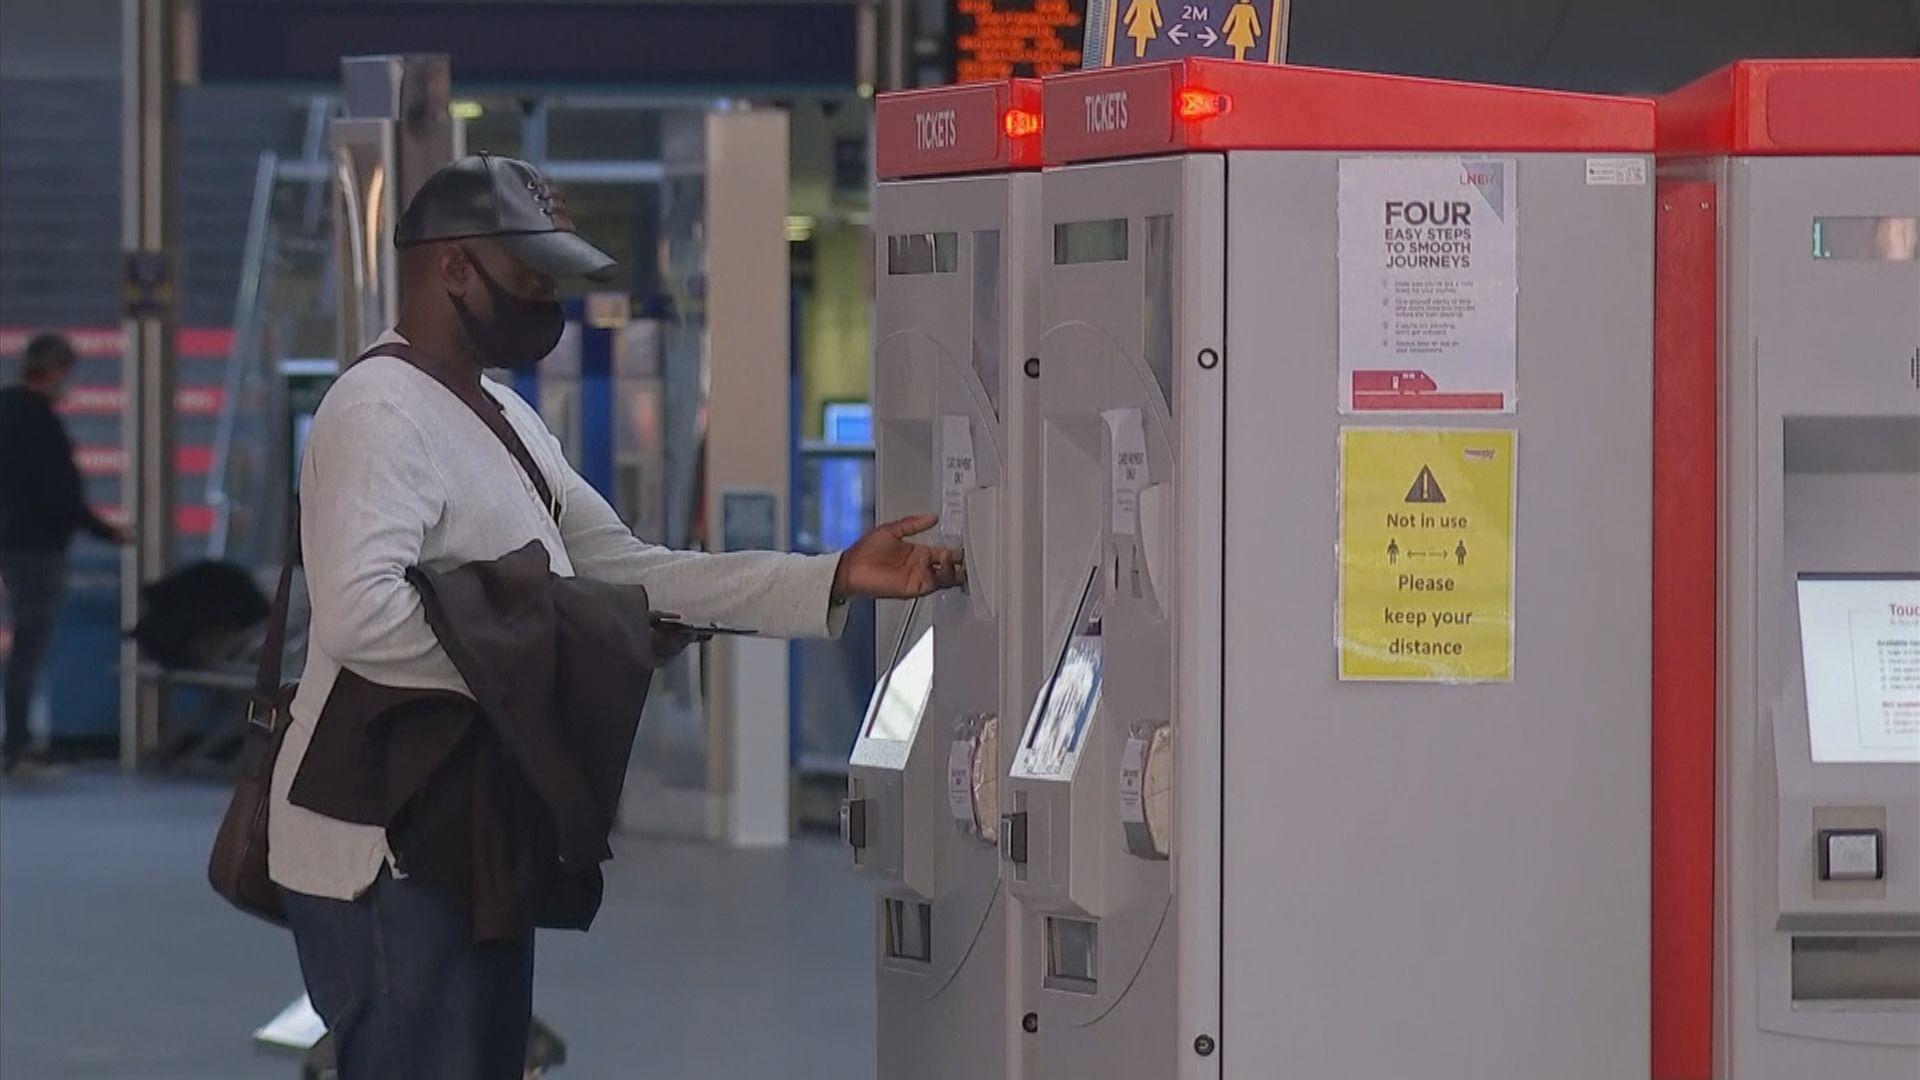 【環球薈報】火車公司以獎金作保安測試誘餌惹不滿